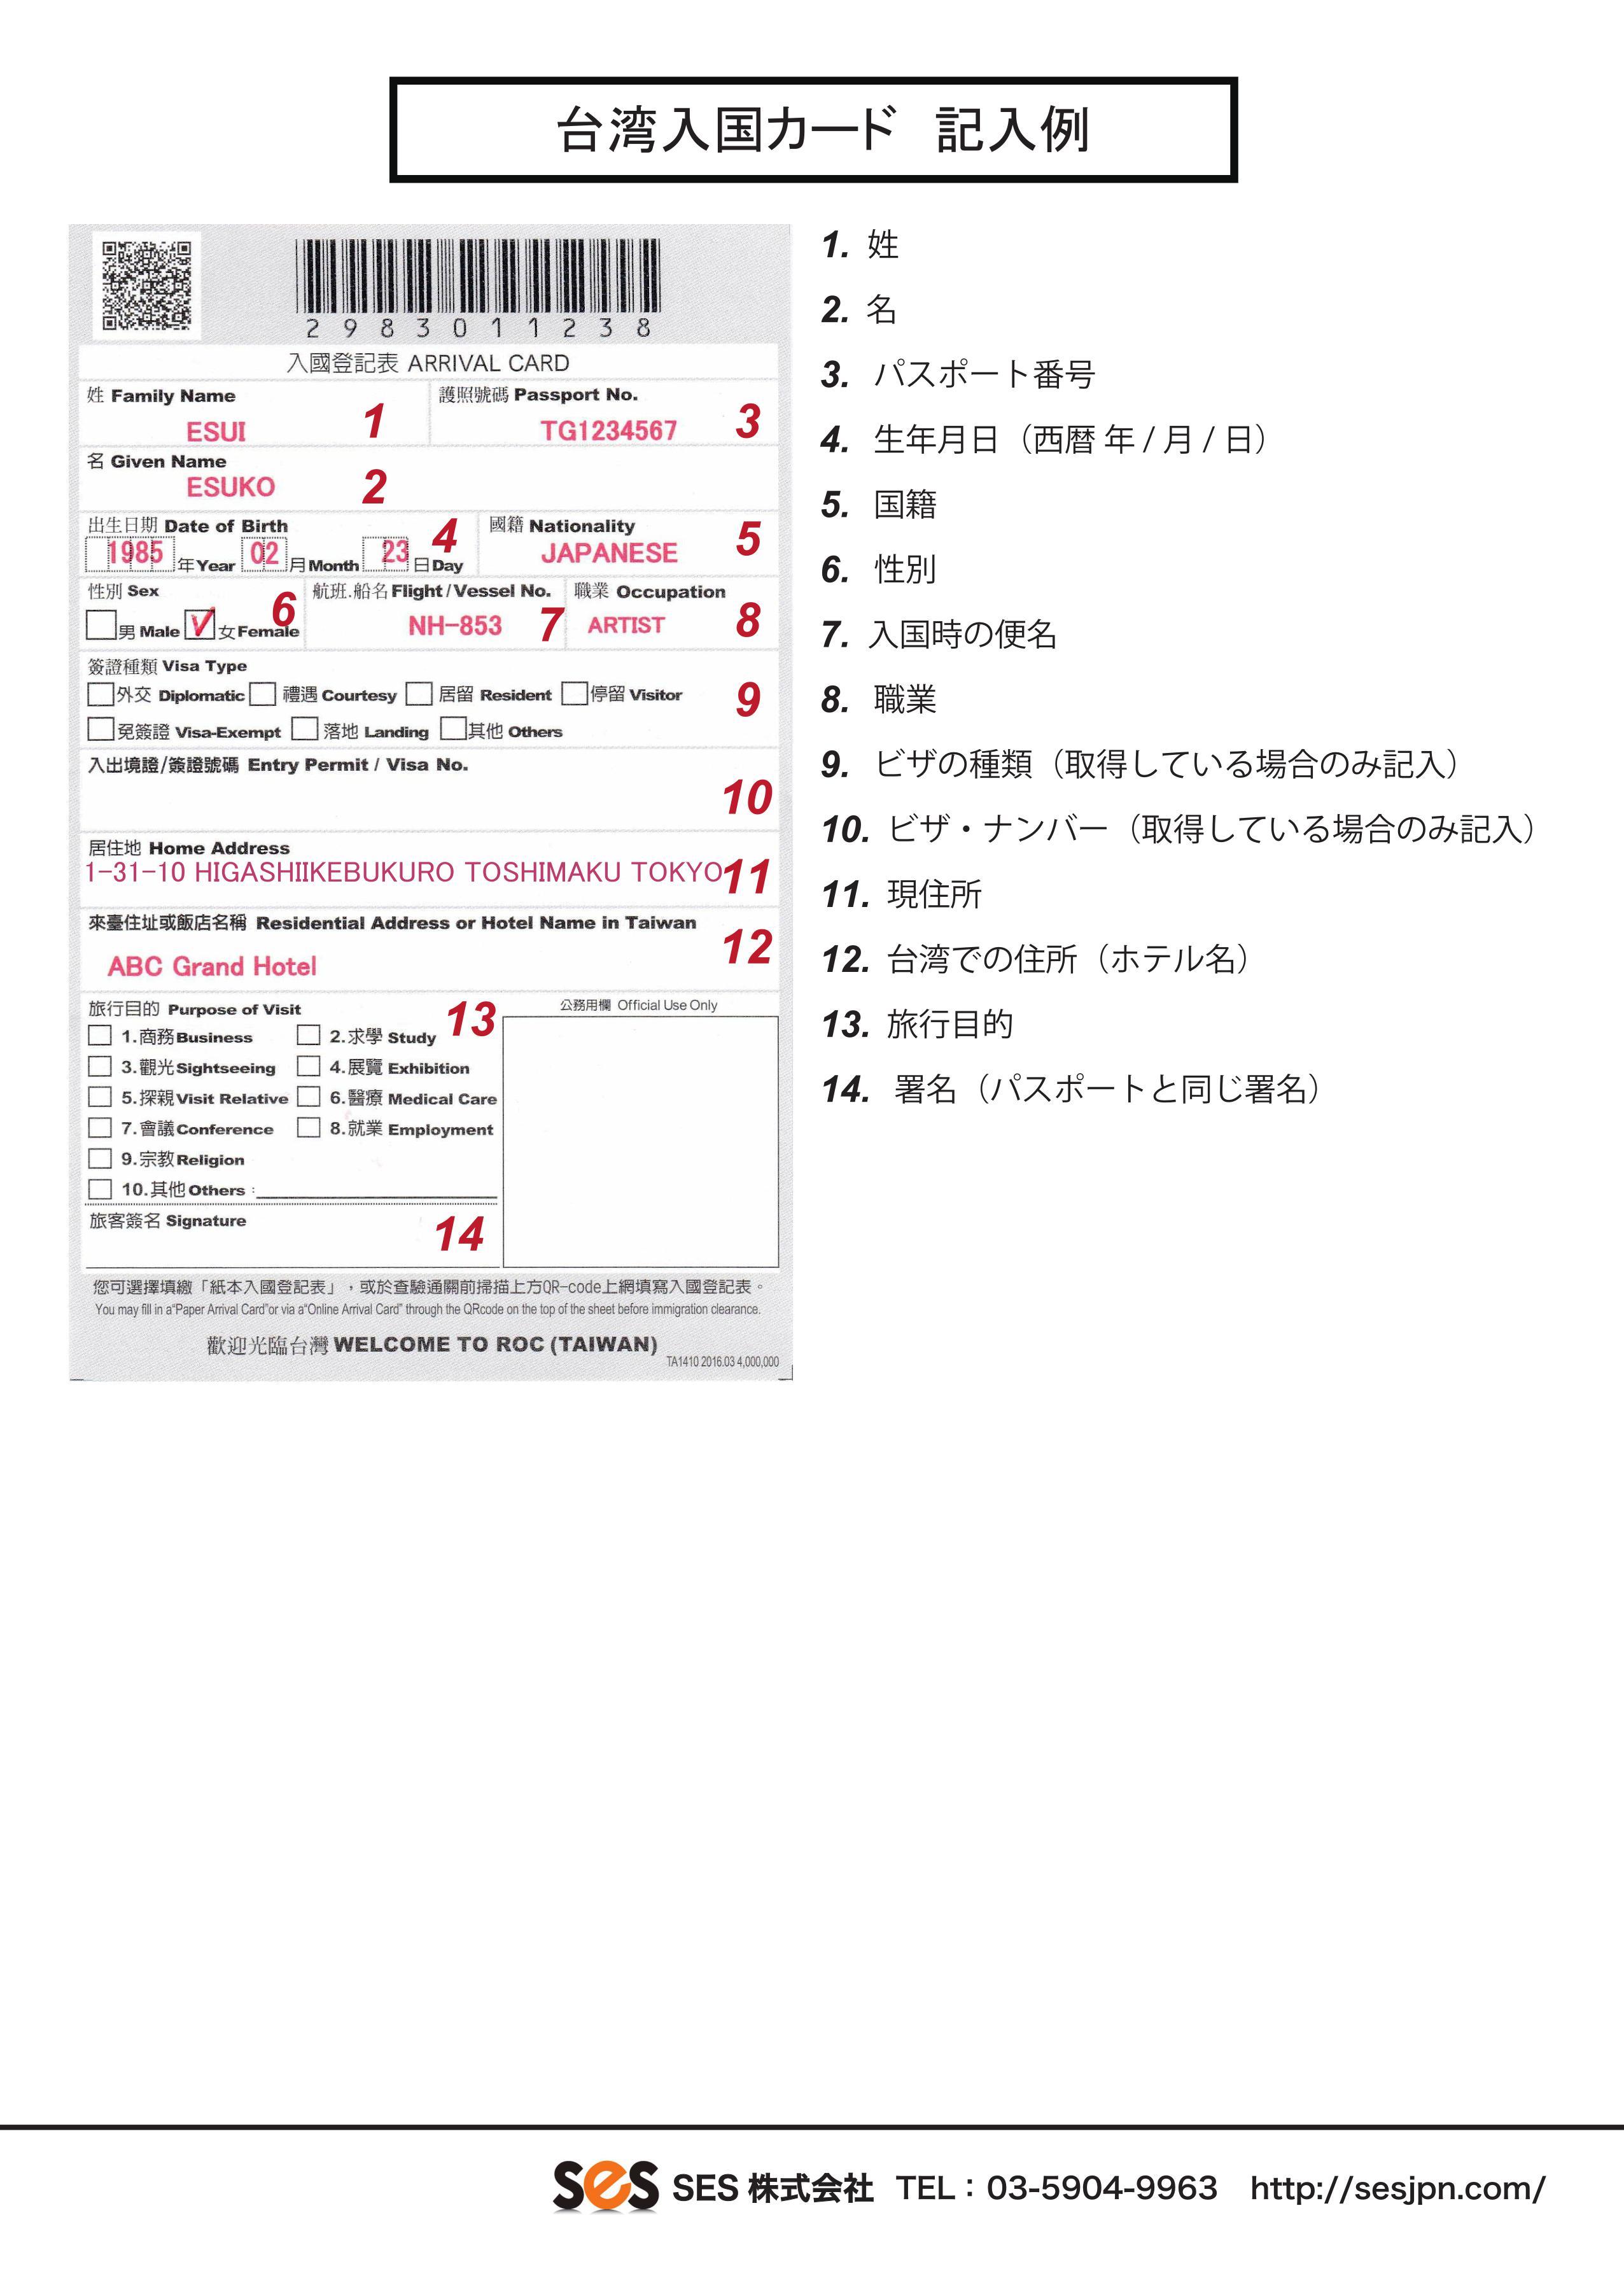 台湾出入国カード